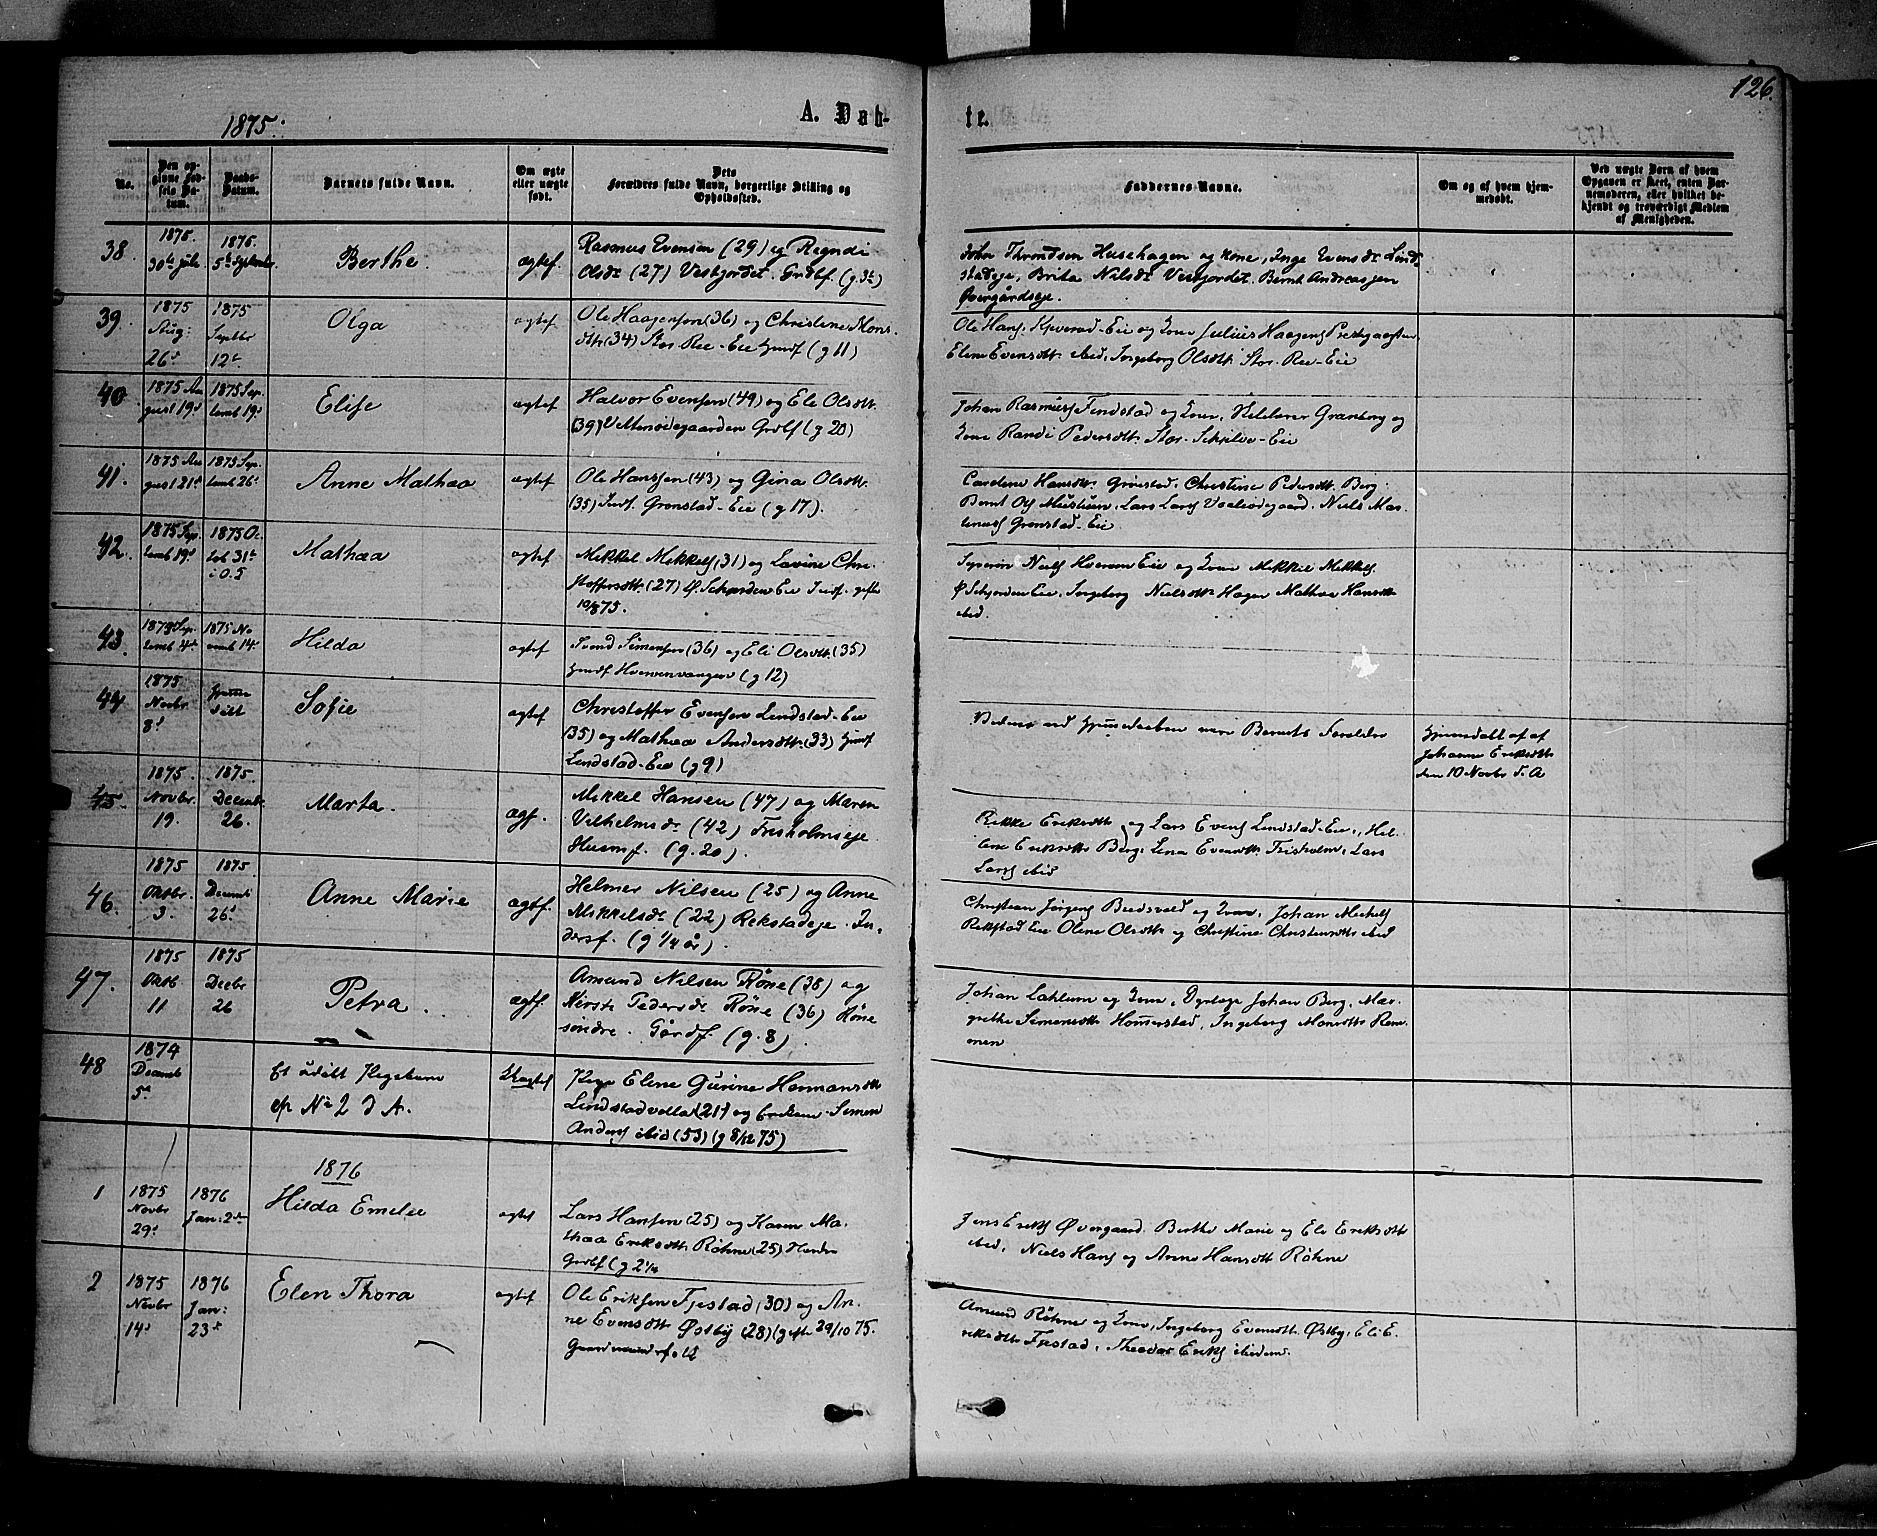 SAH, Stange prestekontor, K/L0013: Parish register (official) no. 13, 1862-1879, p. 126